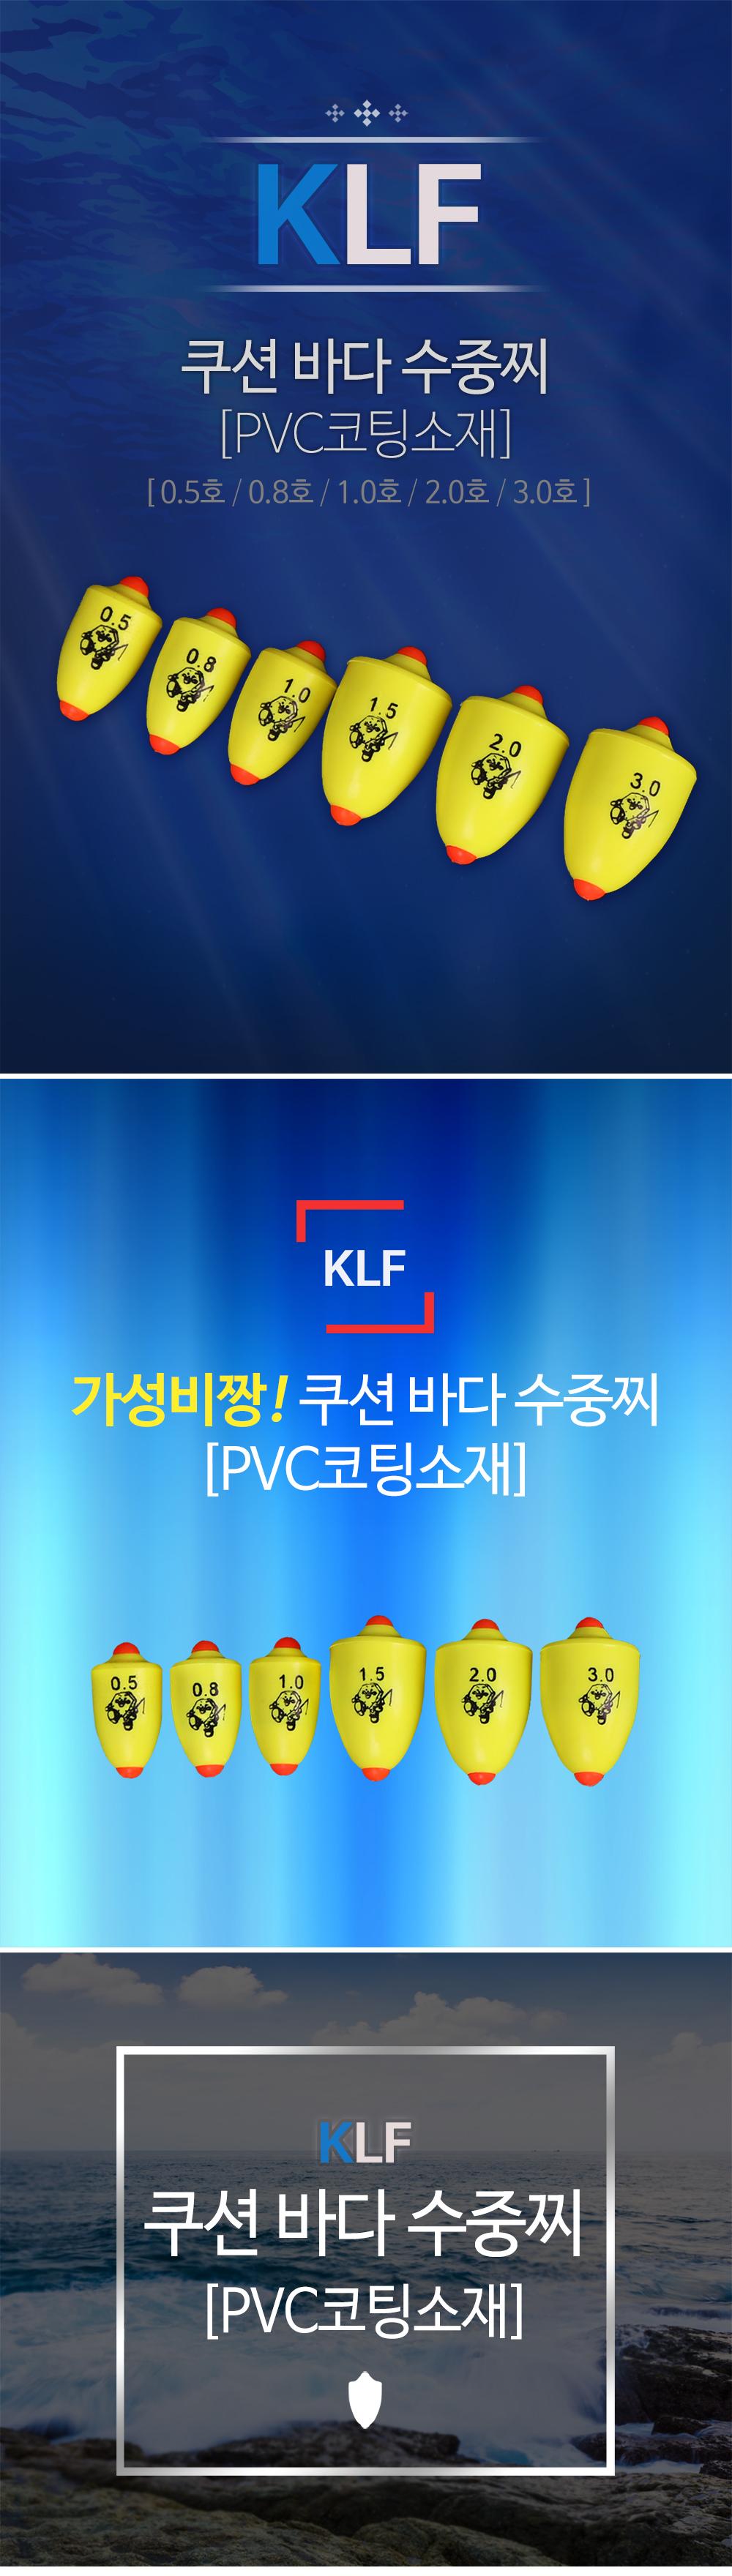 KLF 쿠션 바다 수중찌 [PVC코팅소재] 속공수중 바다수중찌 순간수중찌